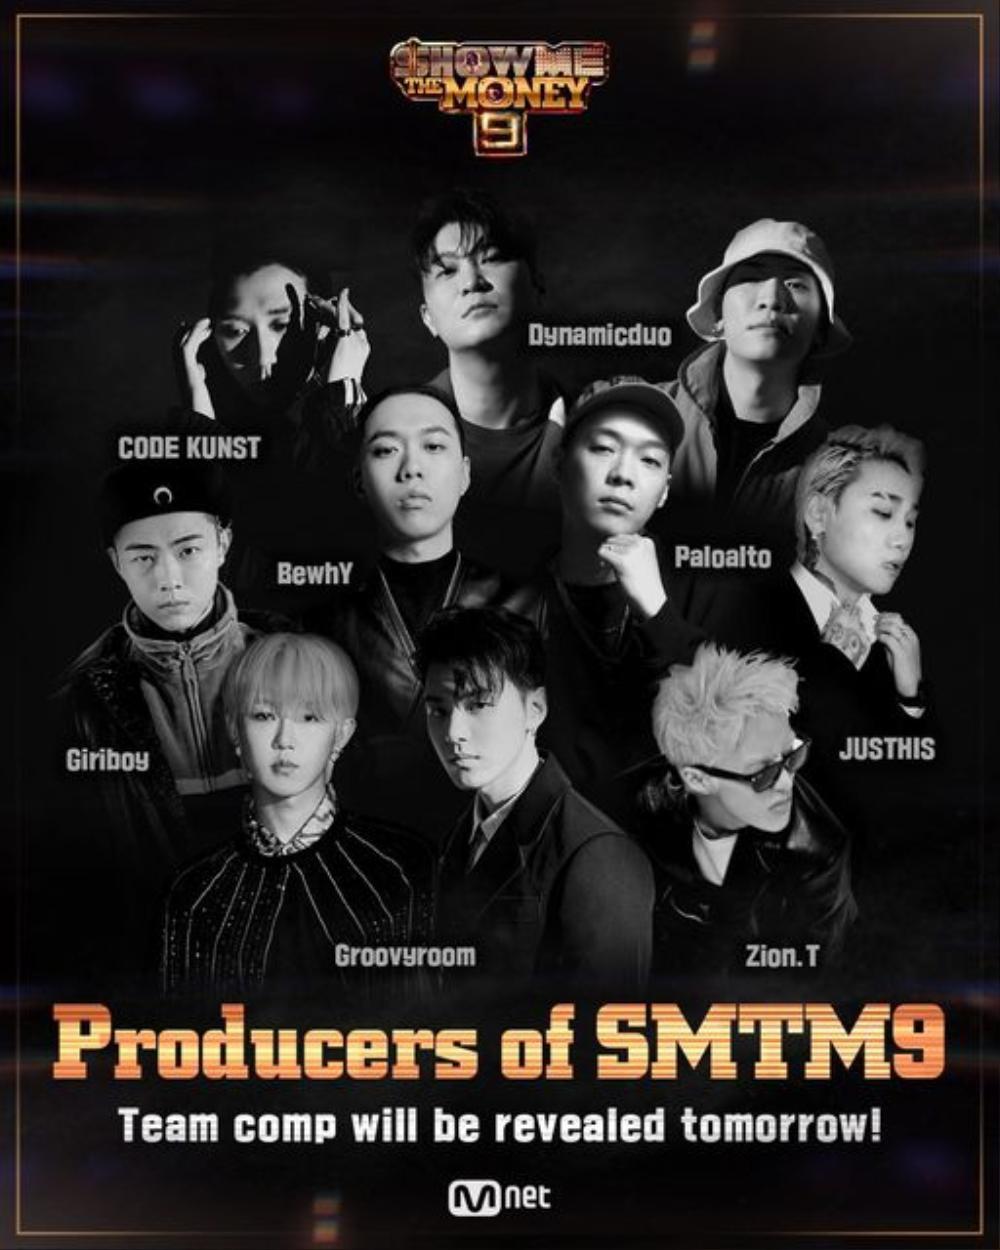 'Show Me The Money 9' công bố các nhà sản xuất, nhân tố thí sinh bí ẩn cũng được hé lộ Ảnh 3